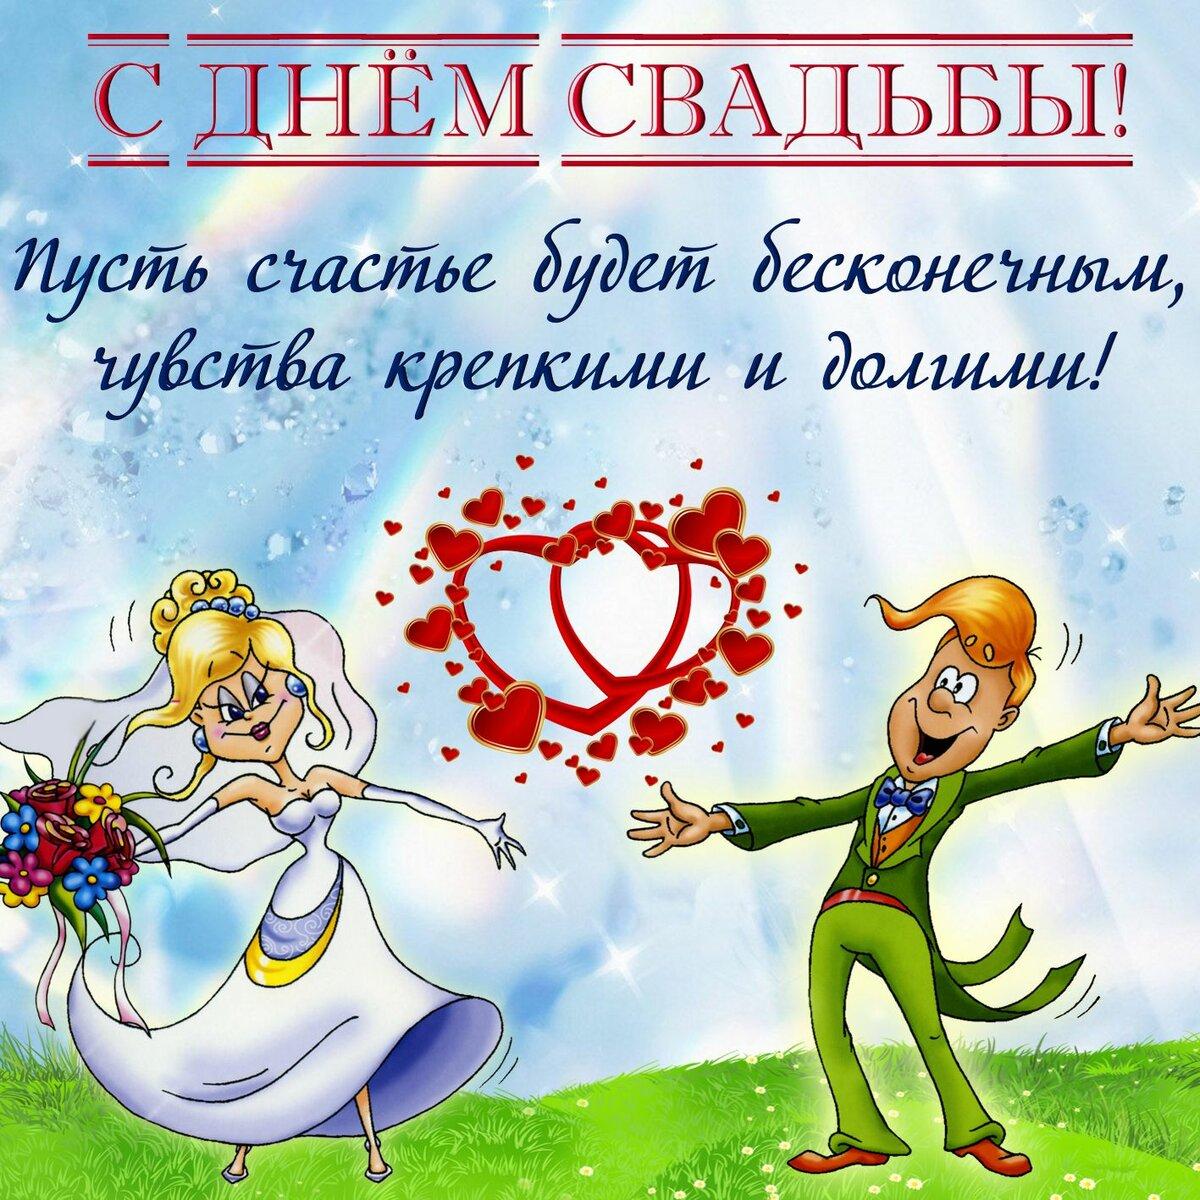 Смс поздравления свадебные